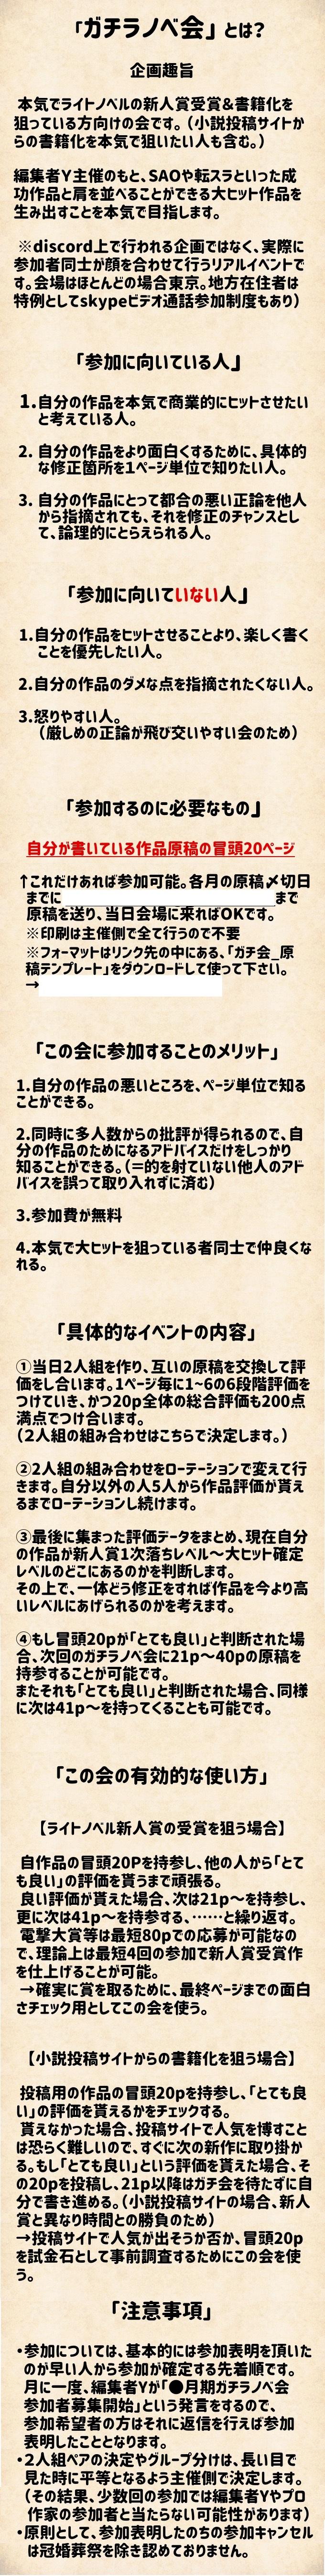 ガチラノベ勉強会の詳細